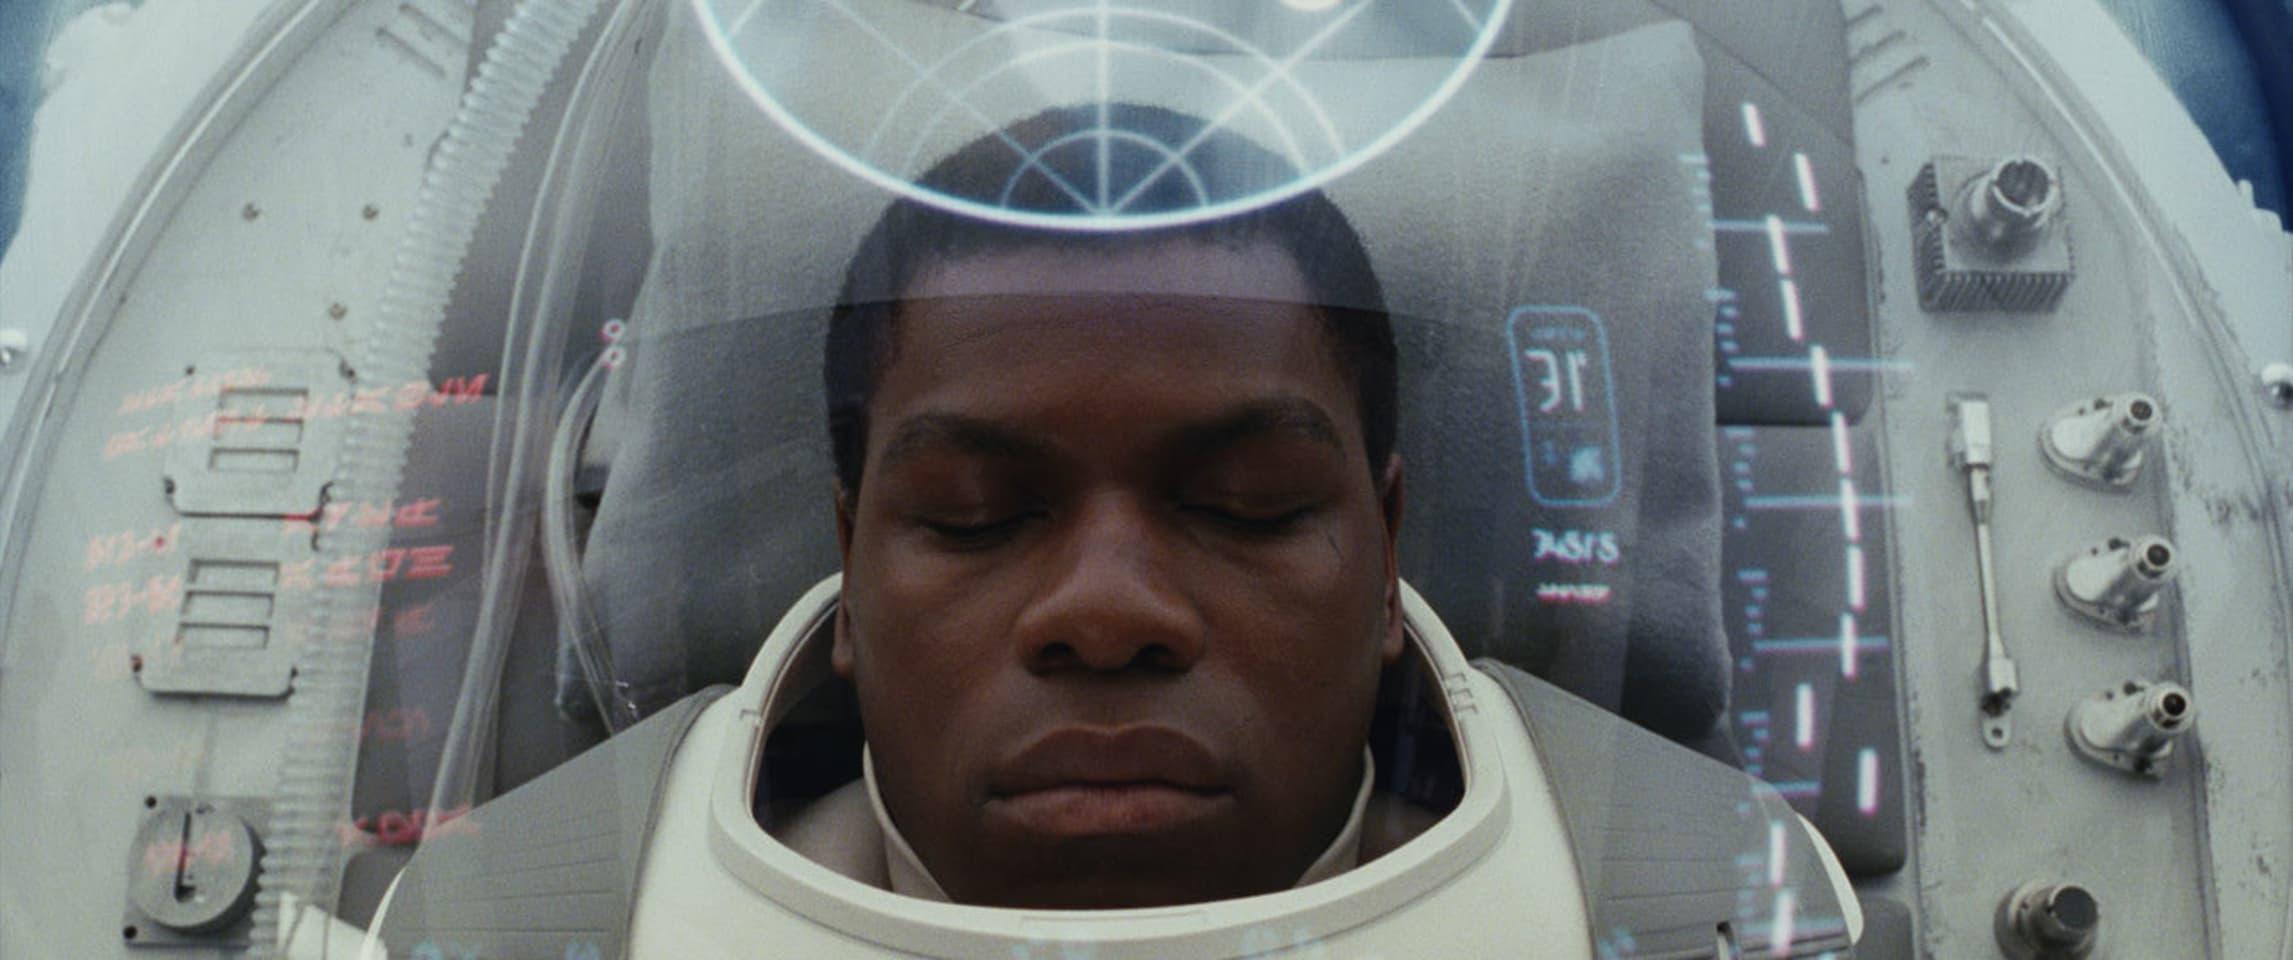 Galaxy theatres green valley cinema henderson nv reviews - Star Wars Marathon